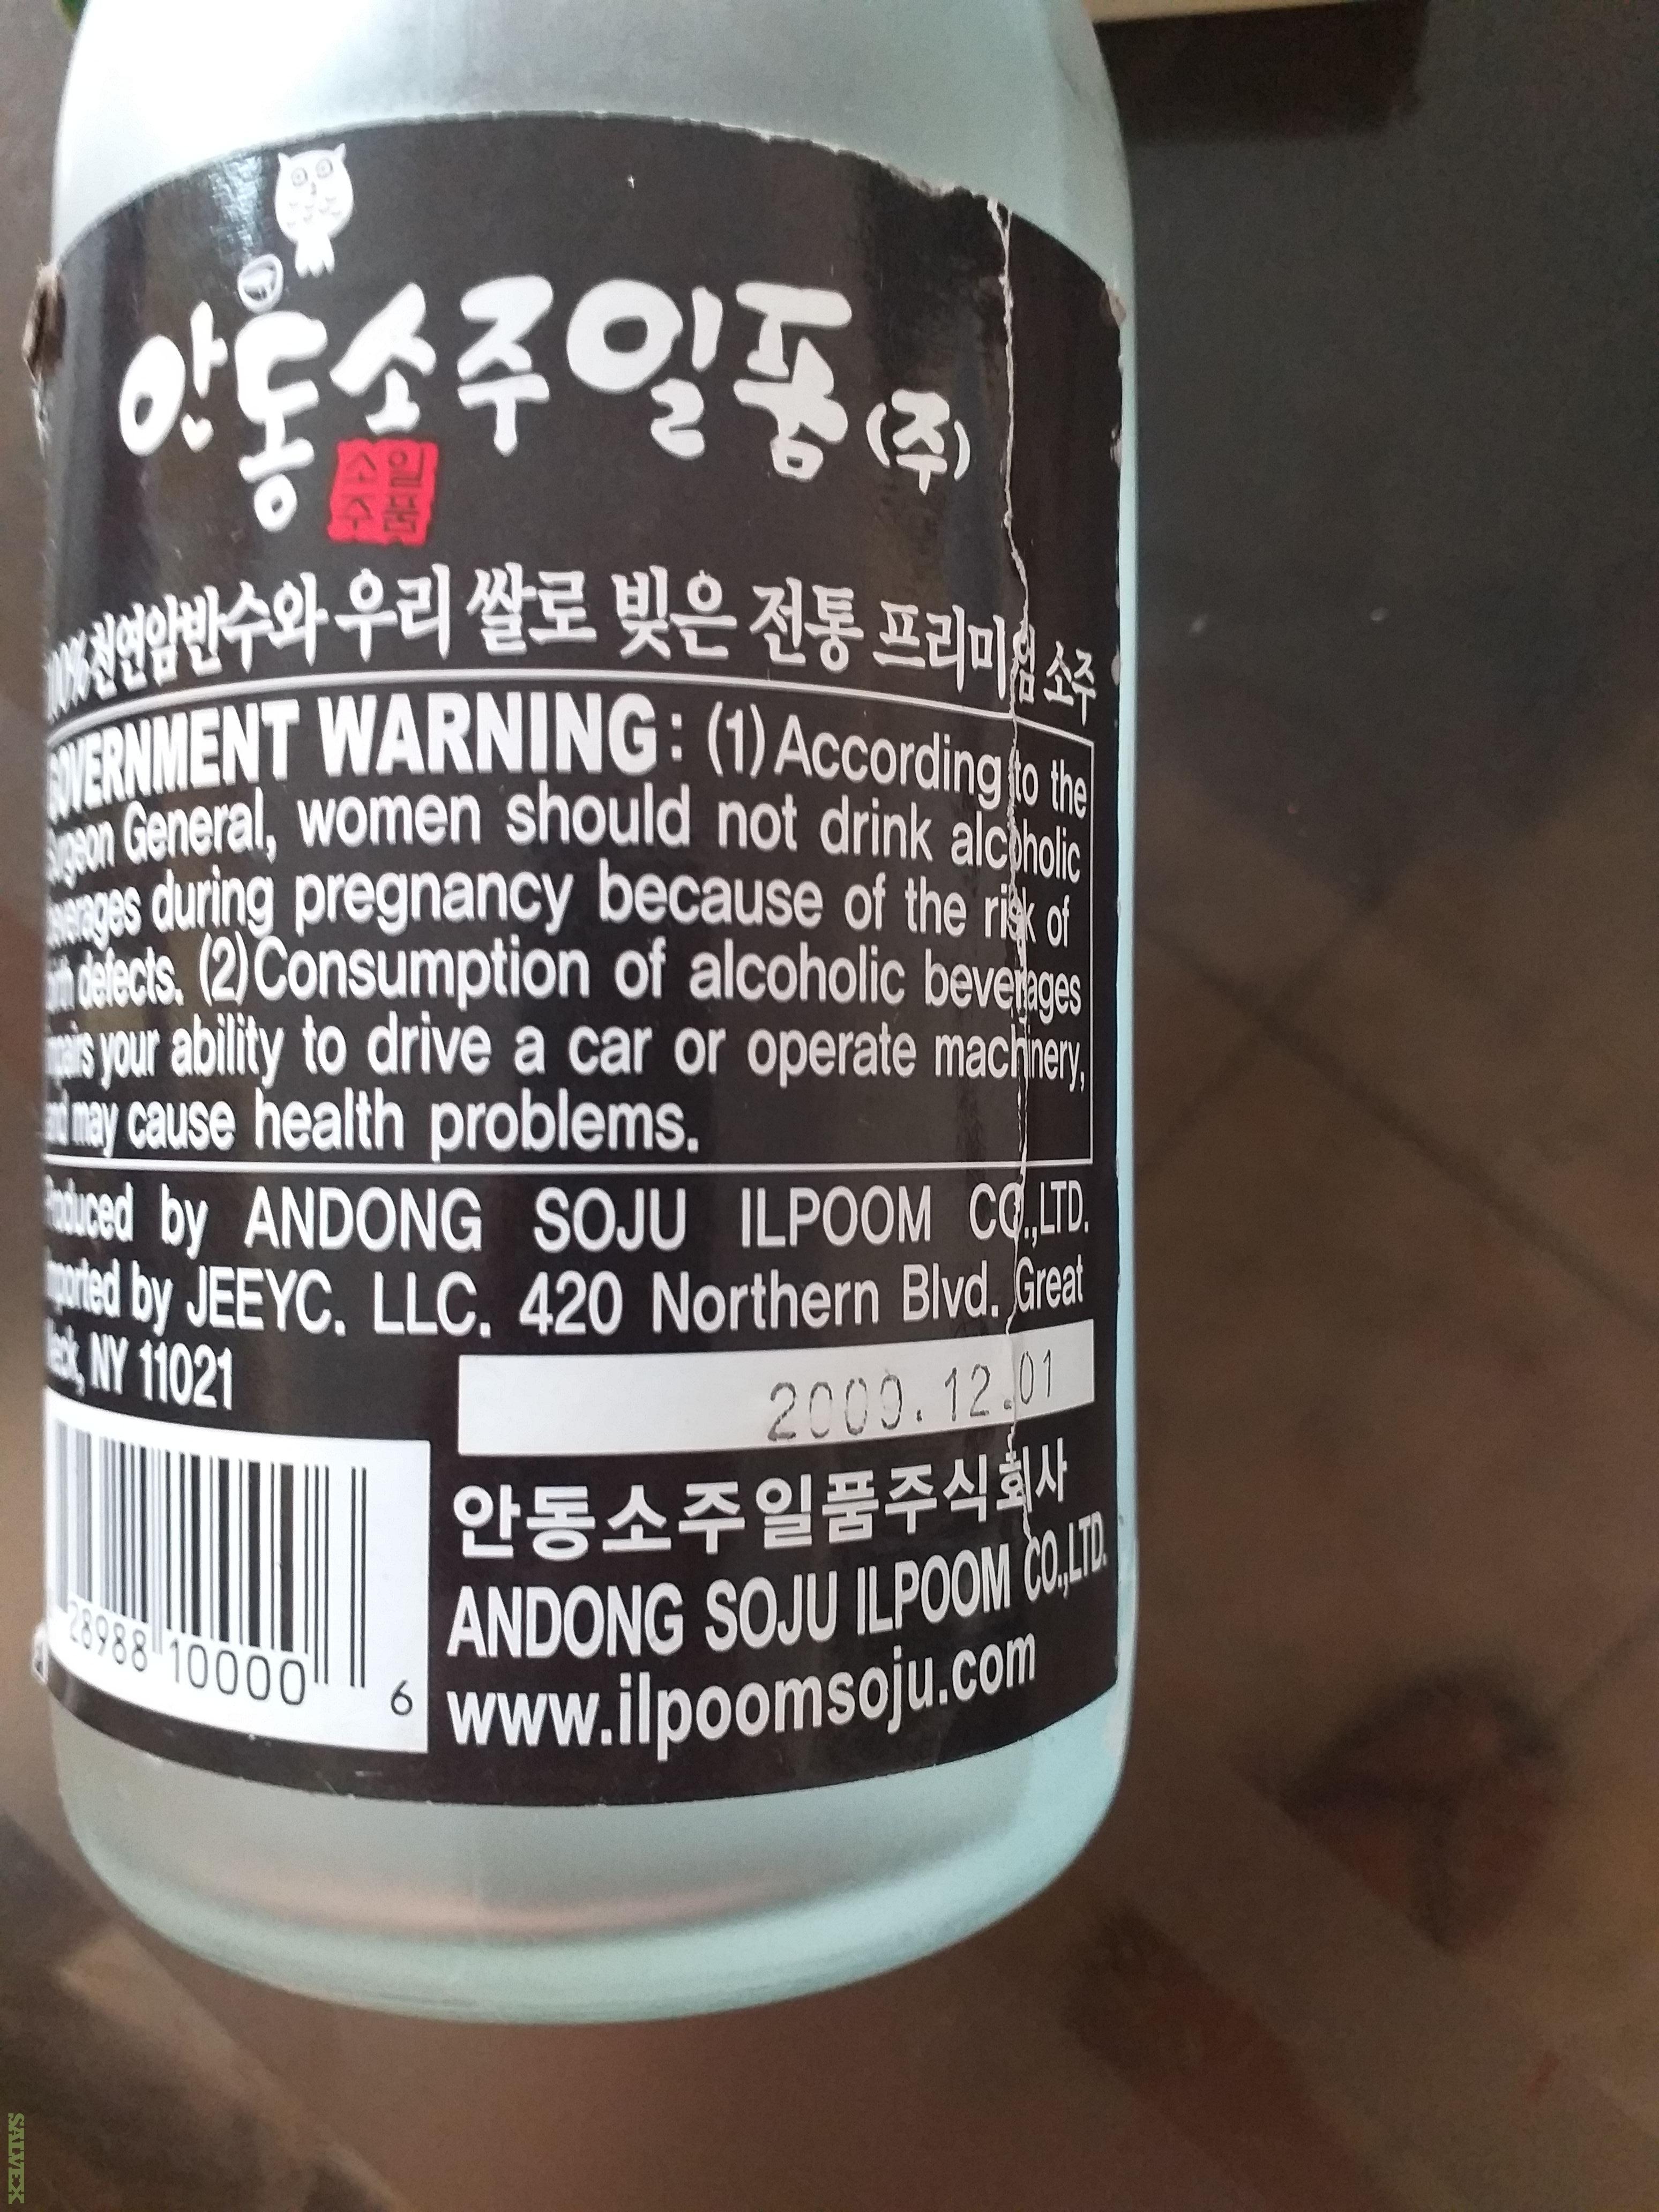 Sake - Korean Brand in Peru (20,000 botttles)